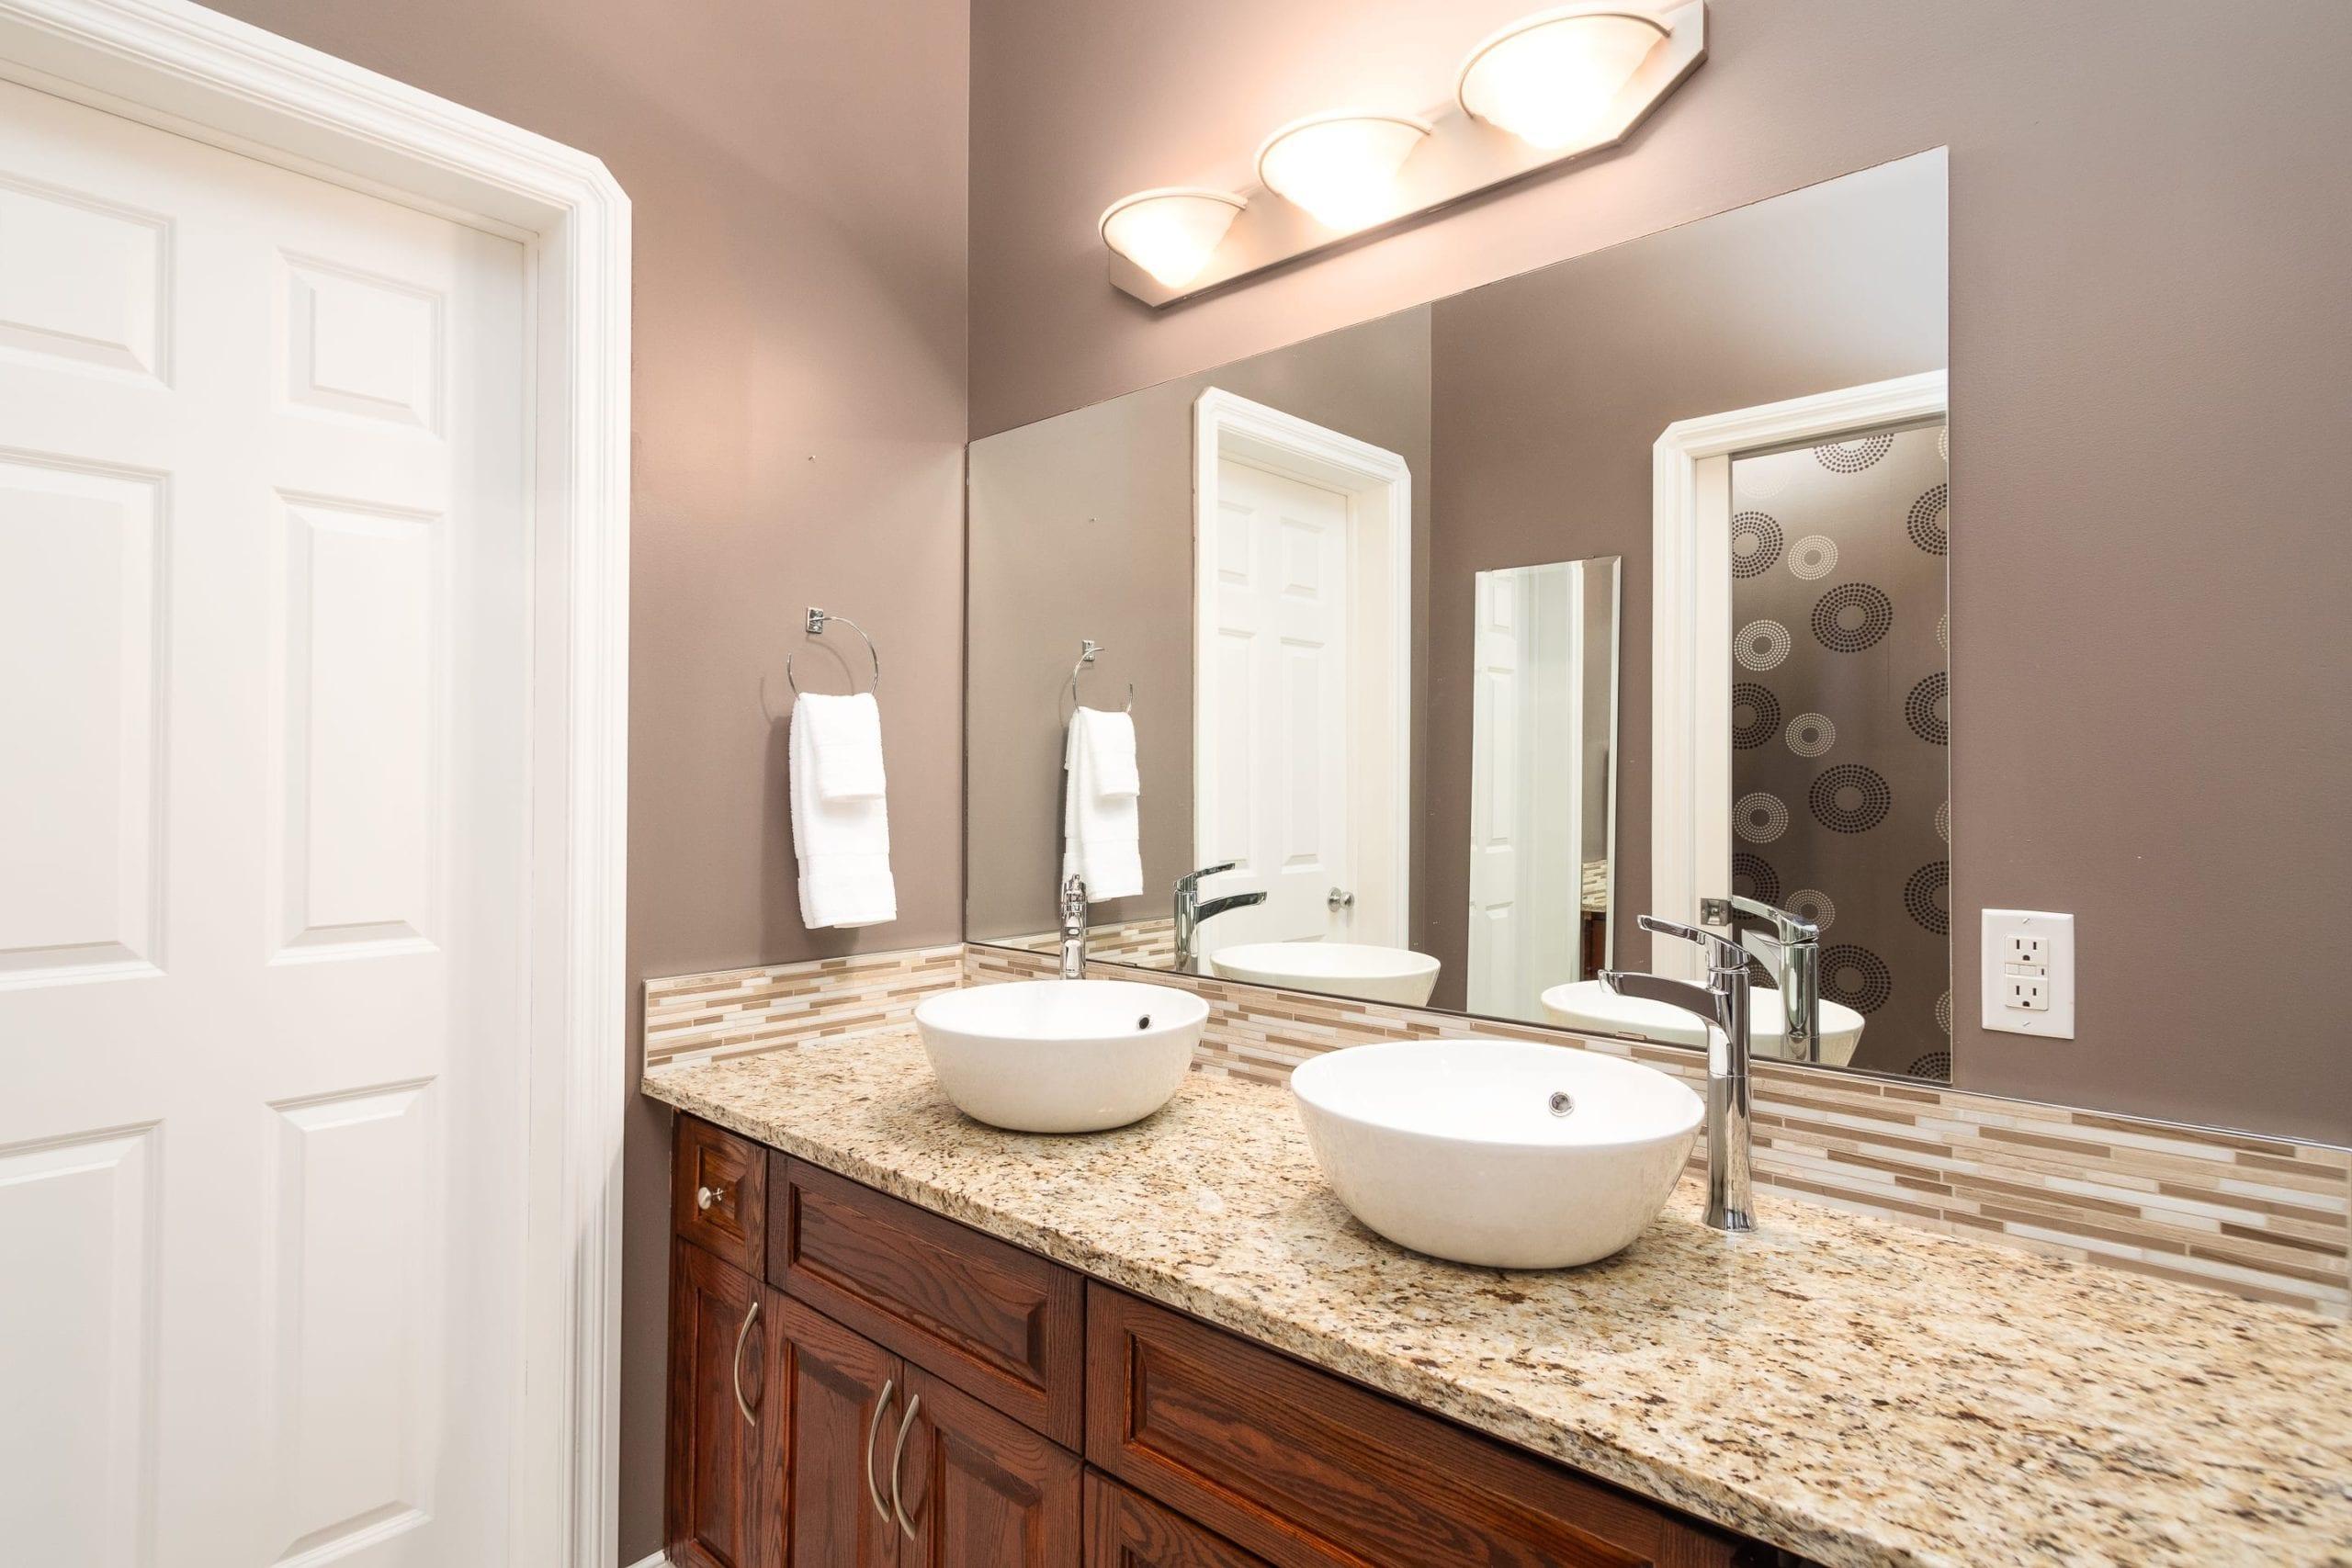 Hello Gorgeous - 243 Stage Coach Lane, Rockyview County AB - Tara Molina Real Estate (39 of 59)